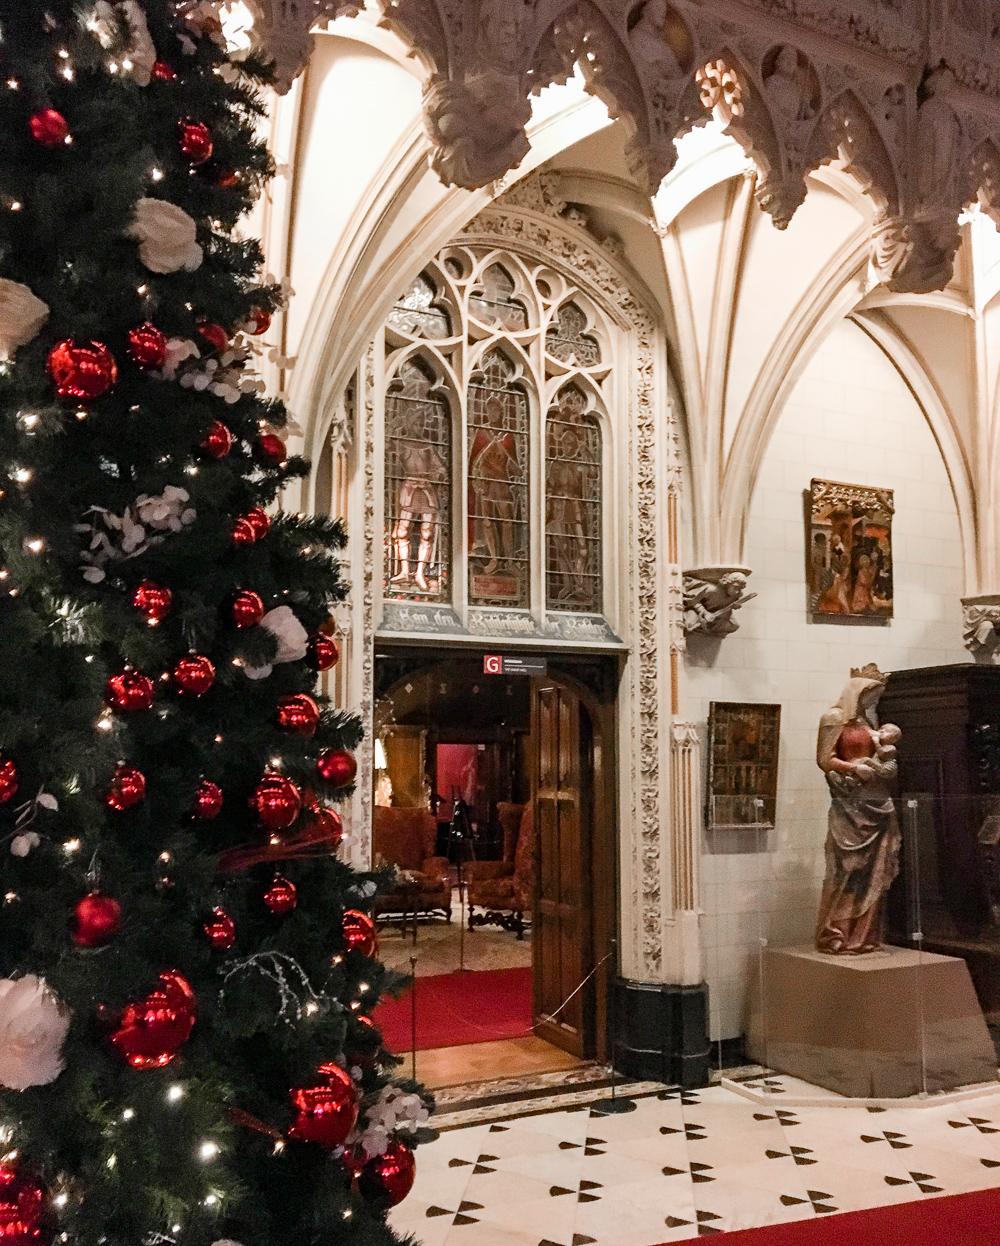 de haar castle at christmas